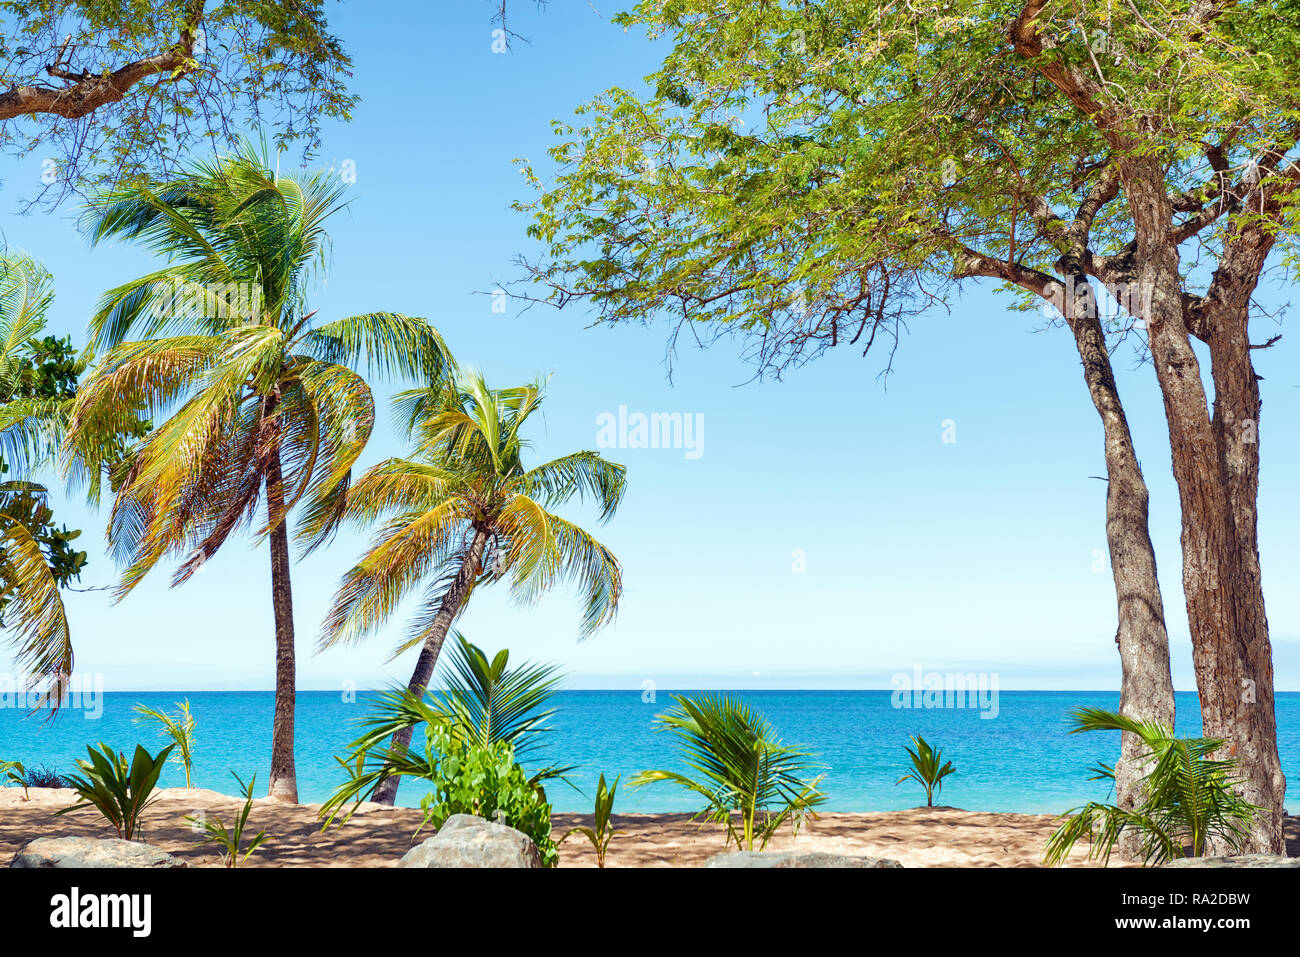 Cocotiers, sable doré, l'eau turquoise et bleu ciel, le Pearl Beach , Guadeloupe, French West Indies Banque D'Images